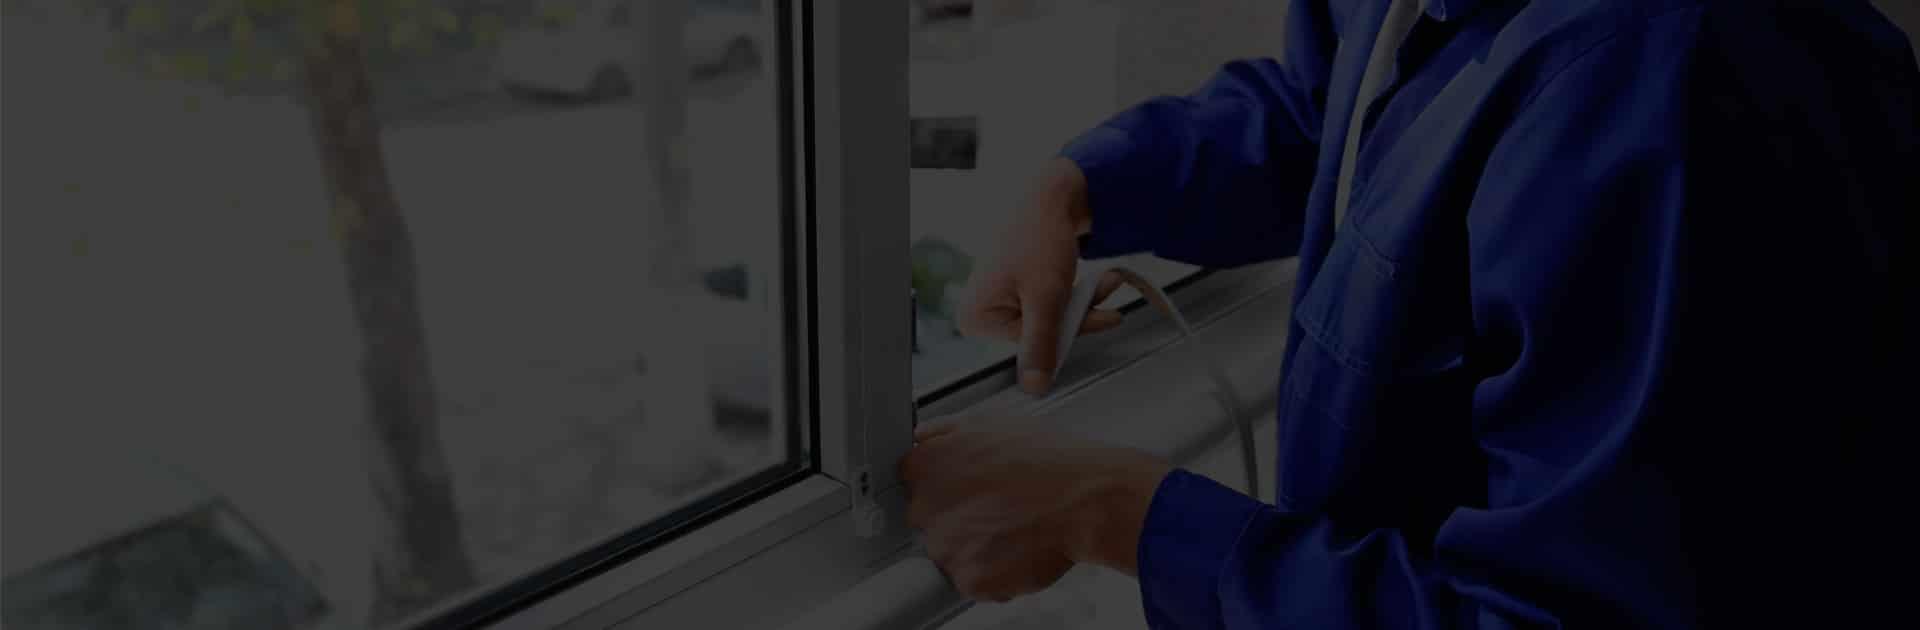 Надежный и качественный сервис по ремонту окон